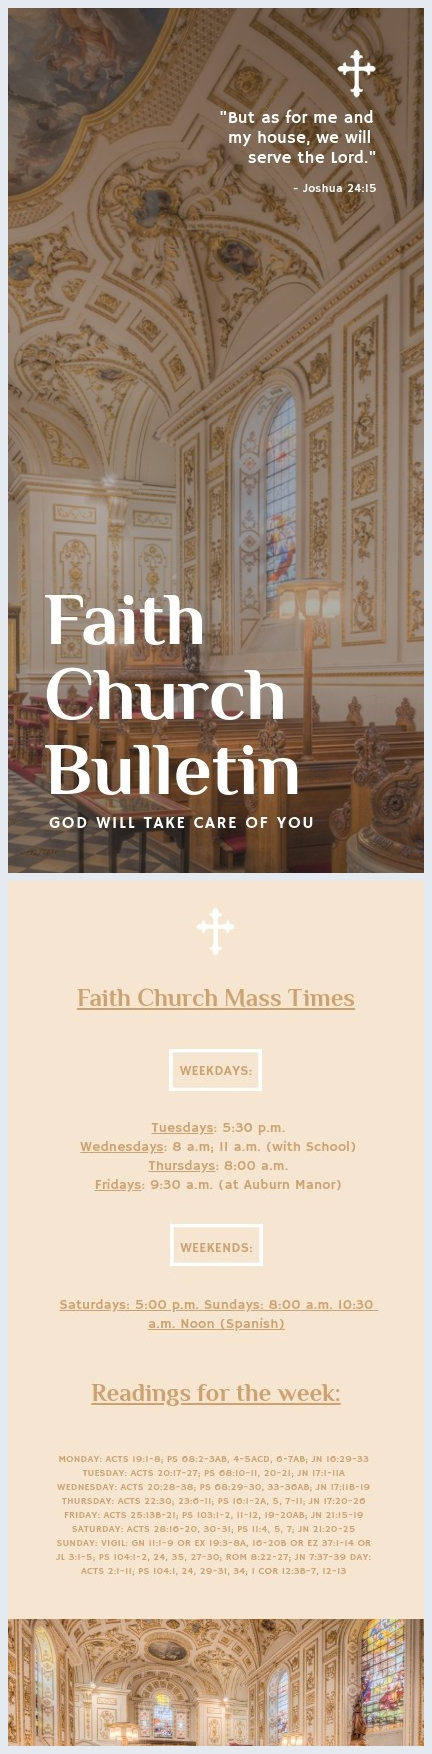 Kerk Bulletin Sjabloon